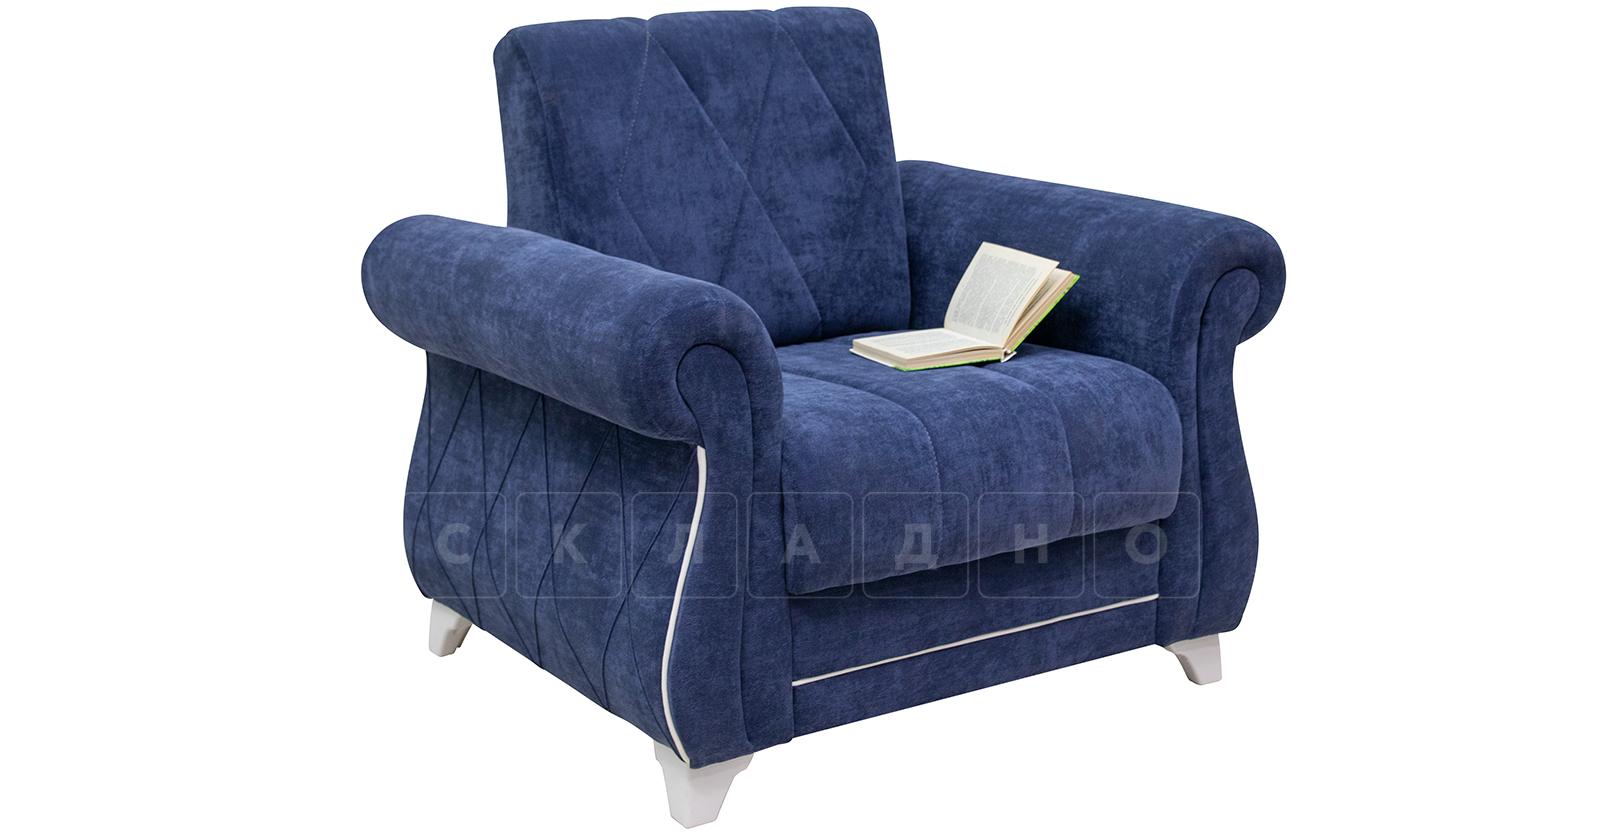 Кресло для отдыха Роза чернильный синий фото 5 | интернет-магазин Складно